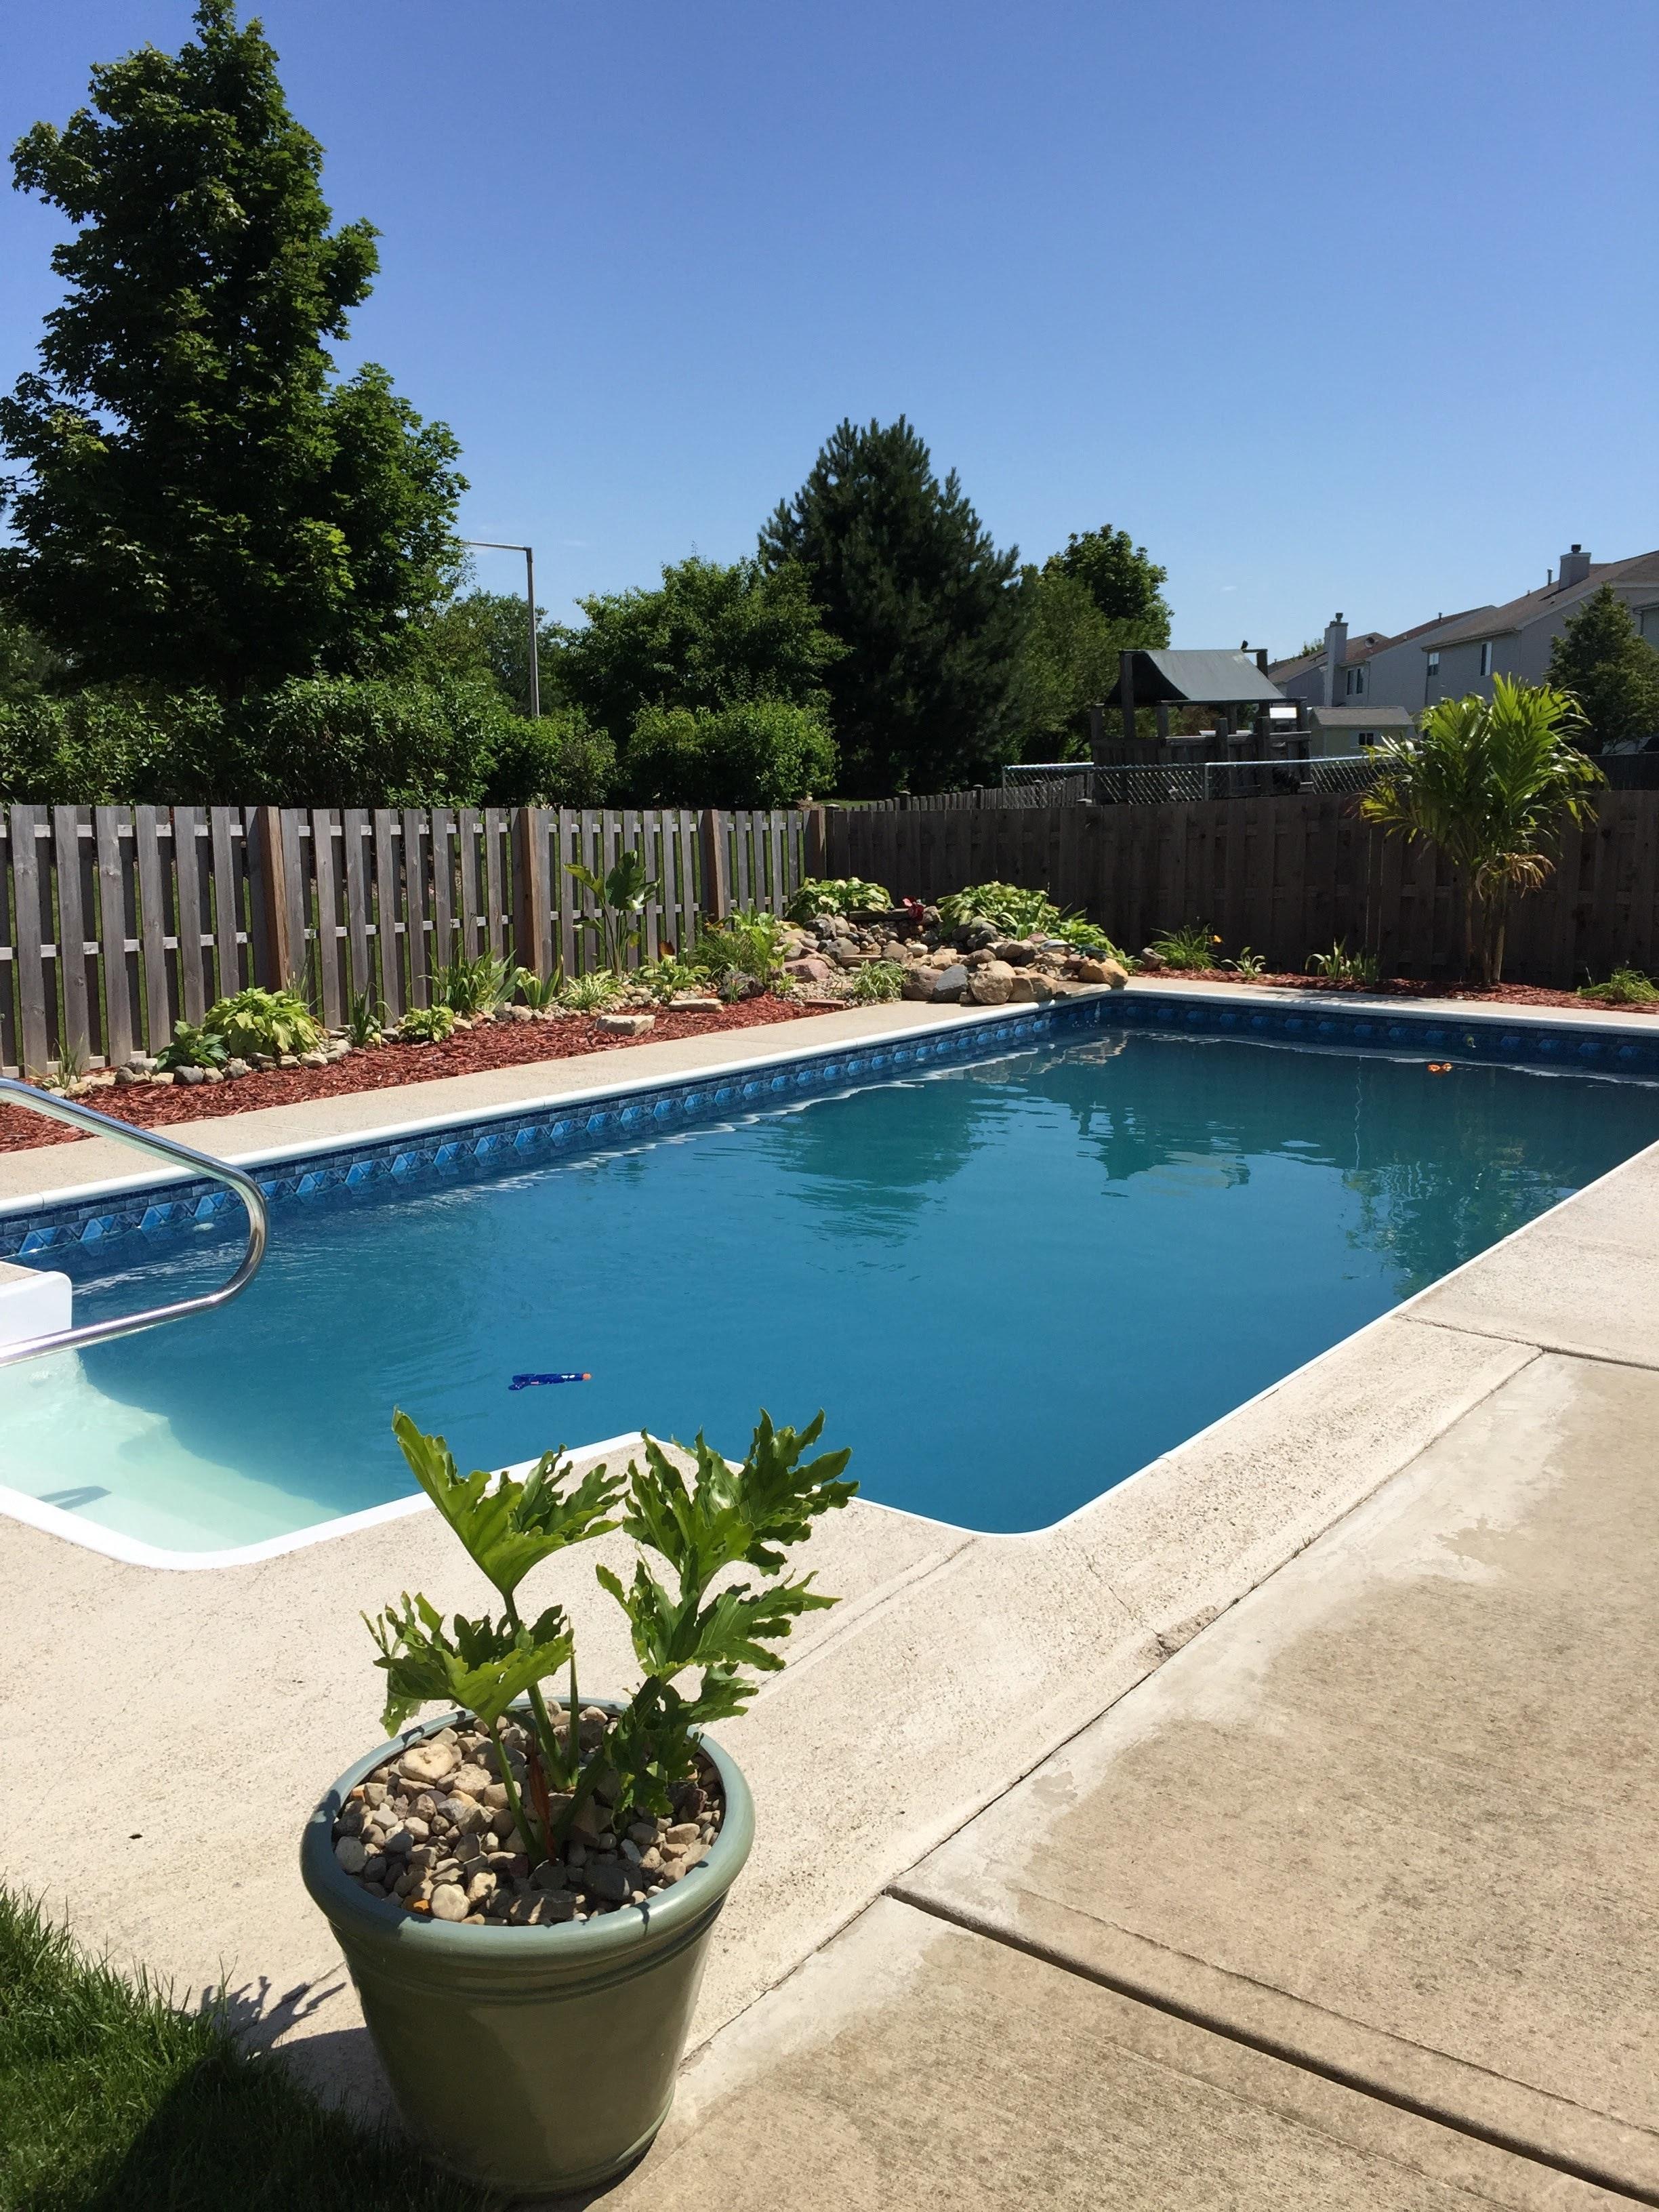 Free stock photo of DIY Inground Pool